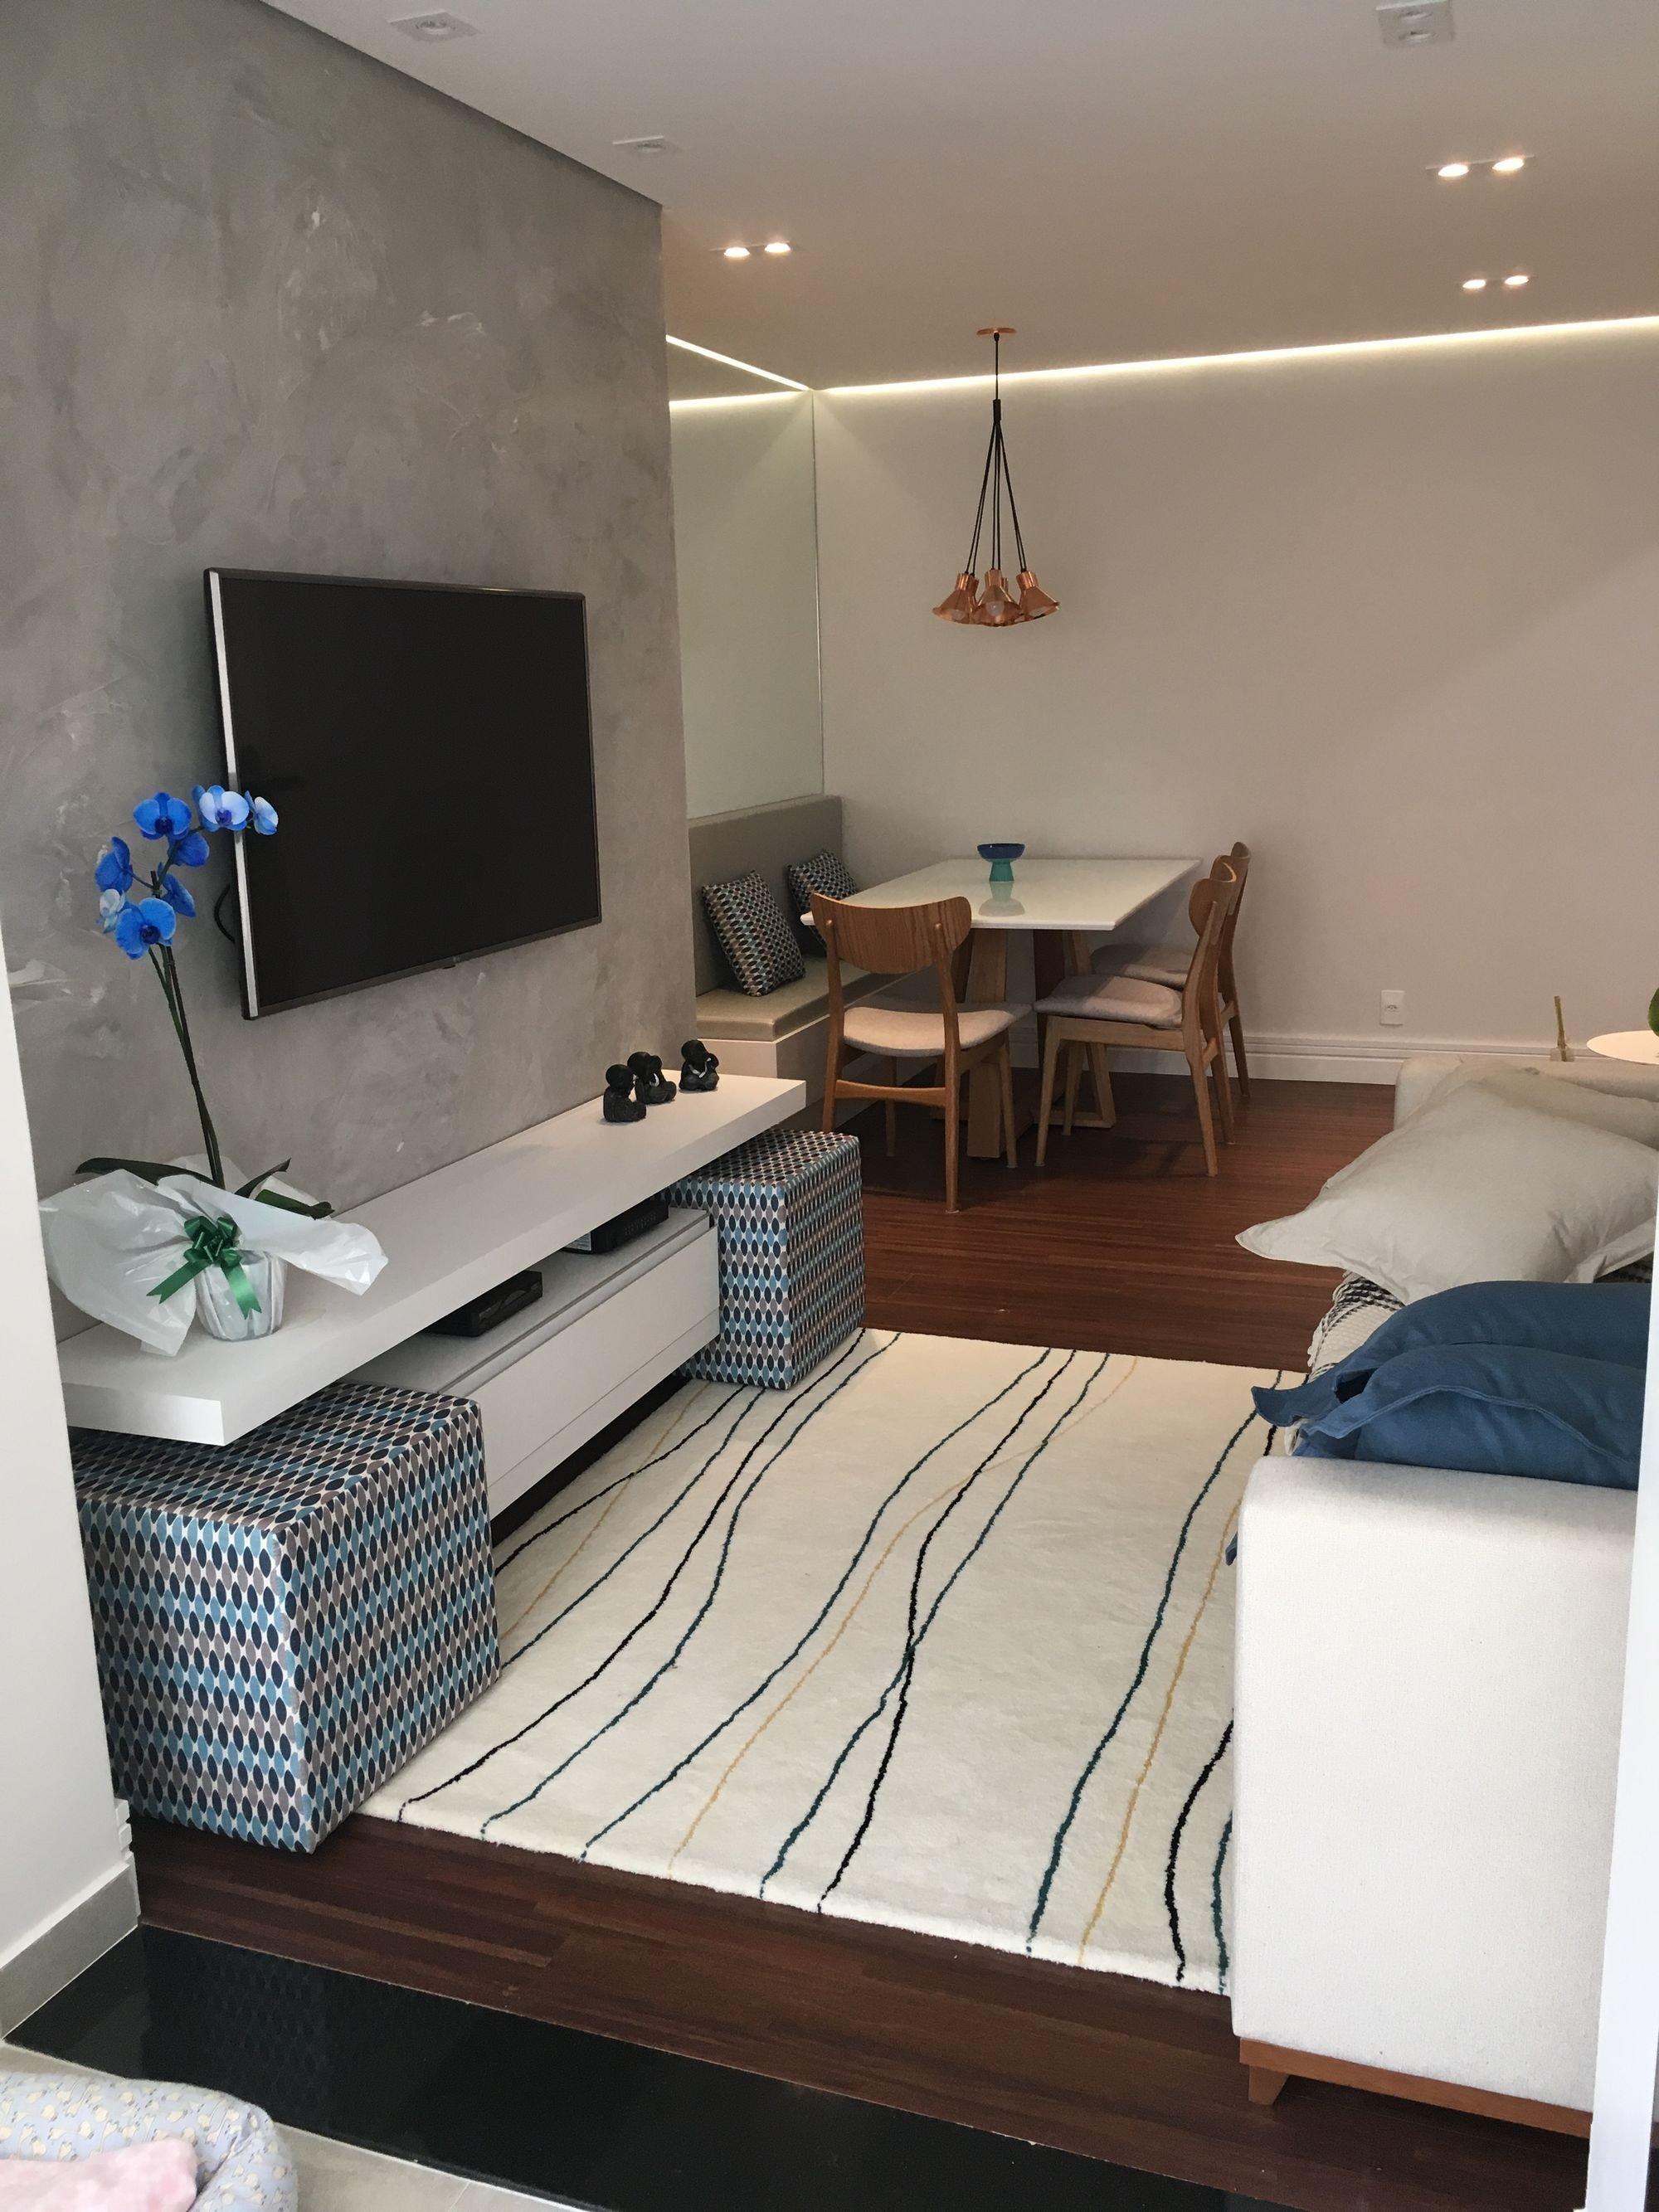 Foto de Sala com cama, vaso de planta, televisão, vaso, cadeira